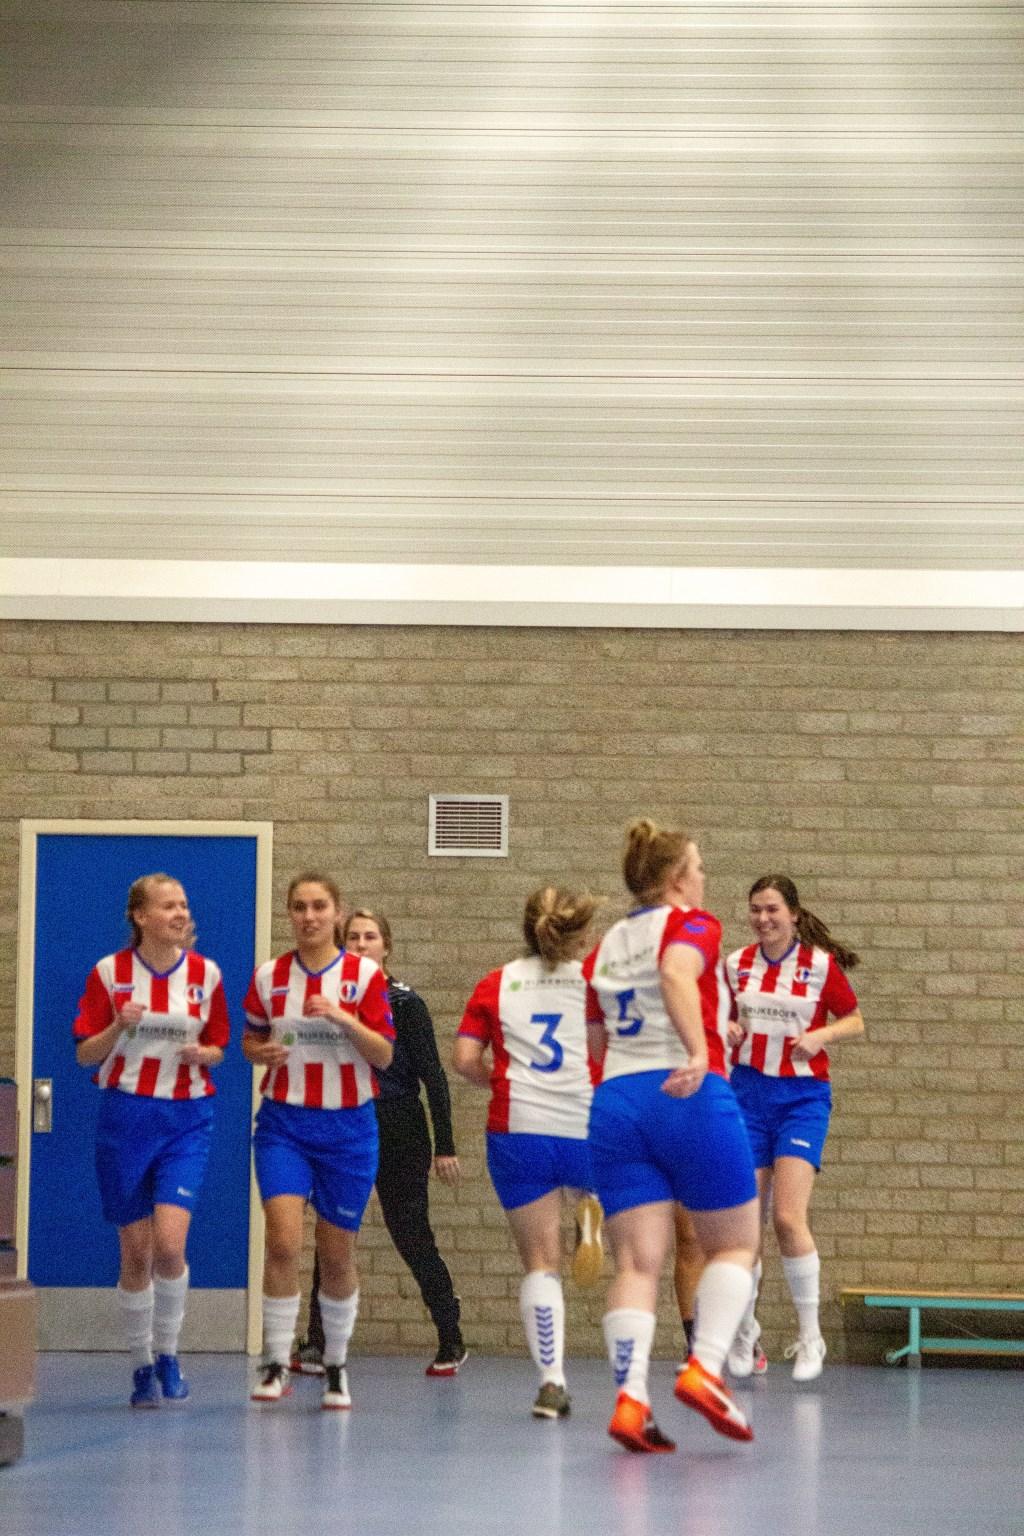 Warming-up voor de wedstrijd tegen ASV Dronten, geheel rechts Noëlle van Soest. Foto: Jorgen Hendriksen © BDU media